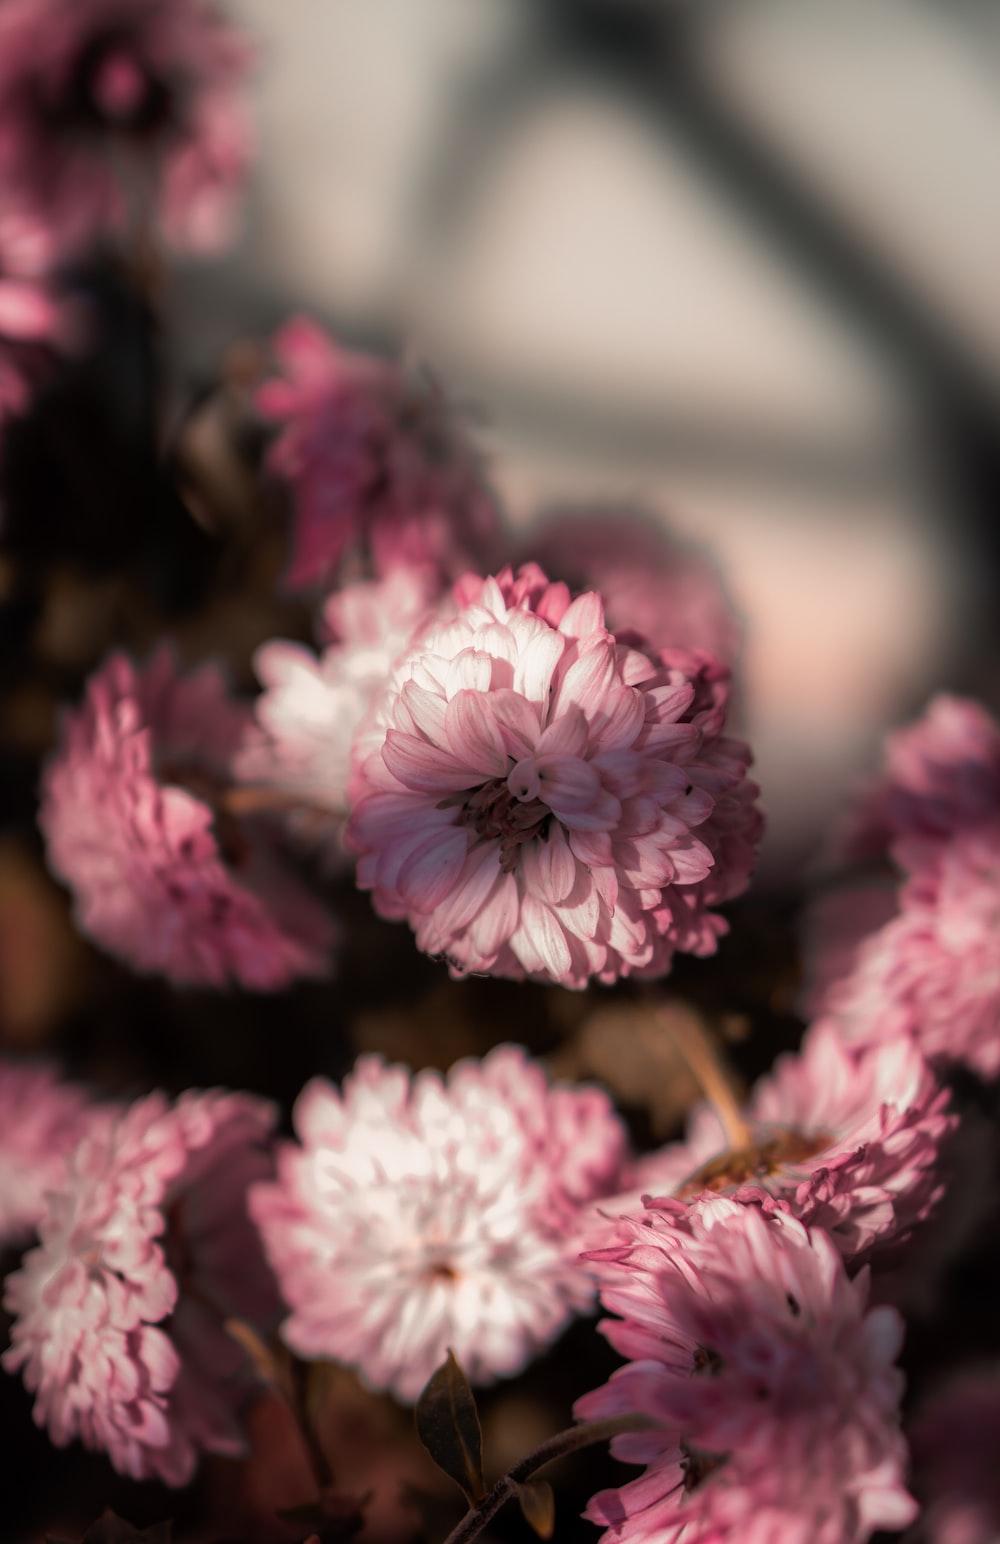 pink and white flowers in tilt shift lens